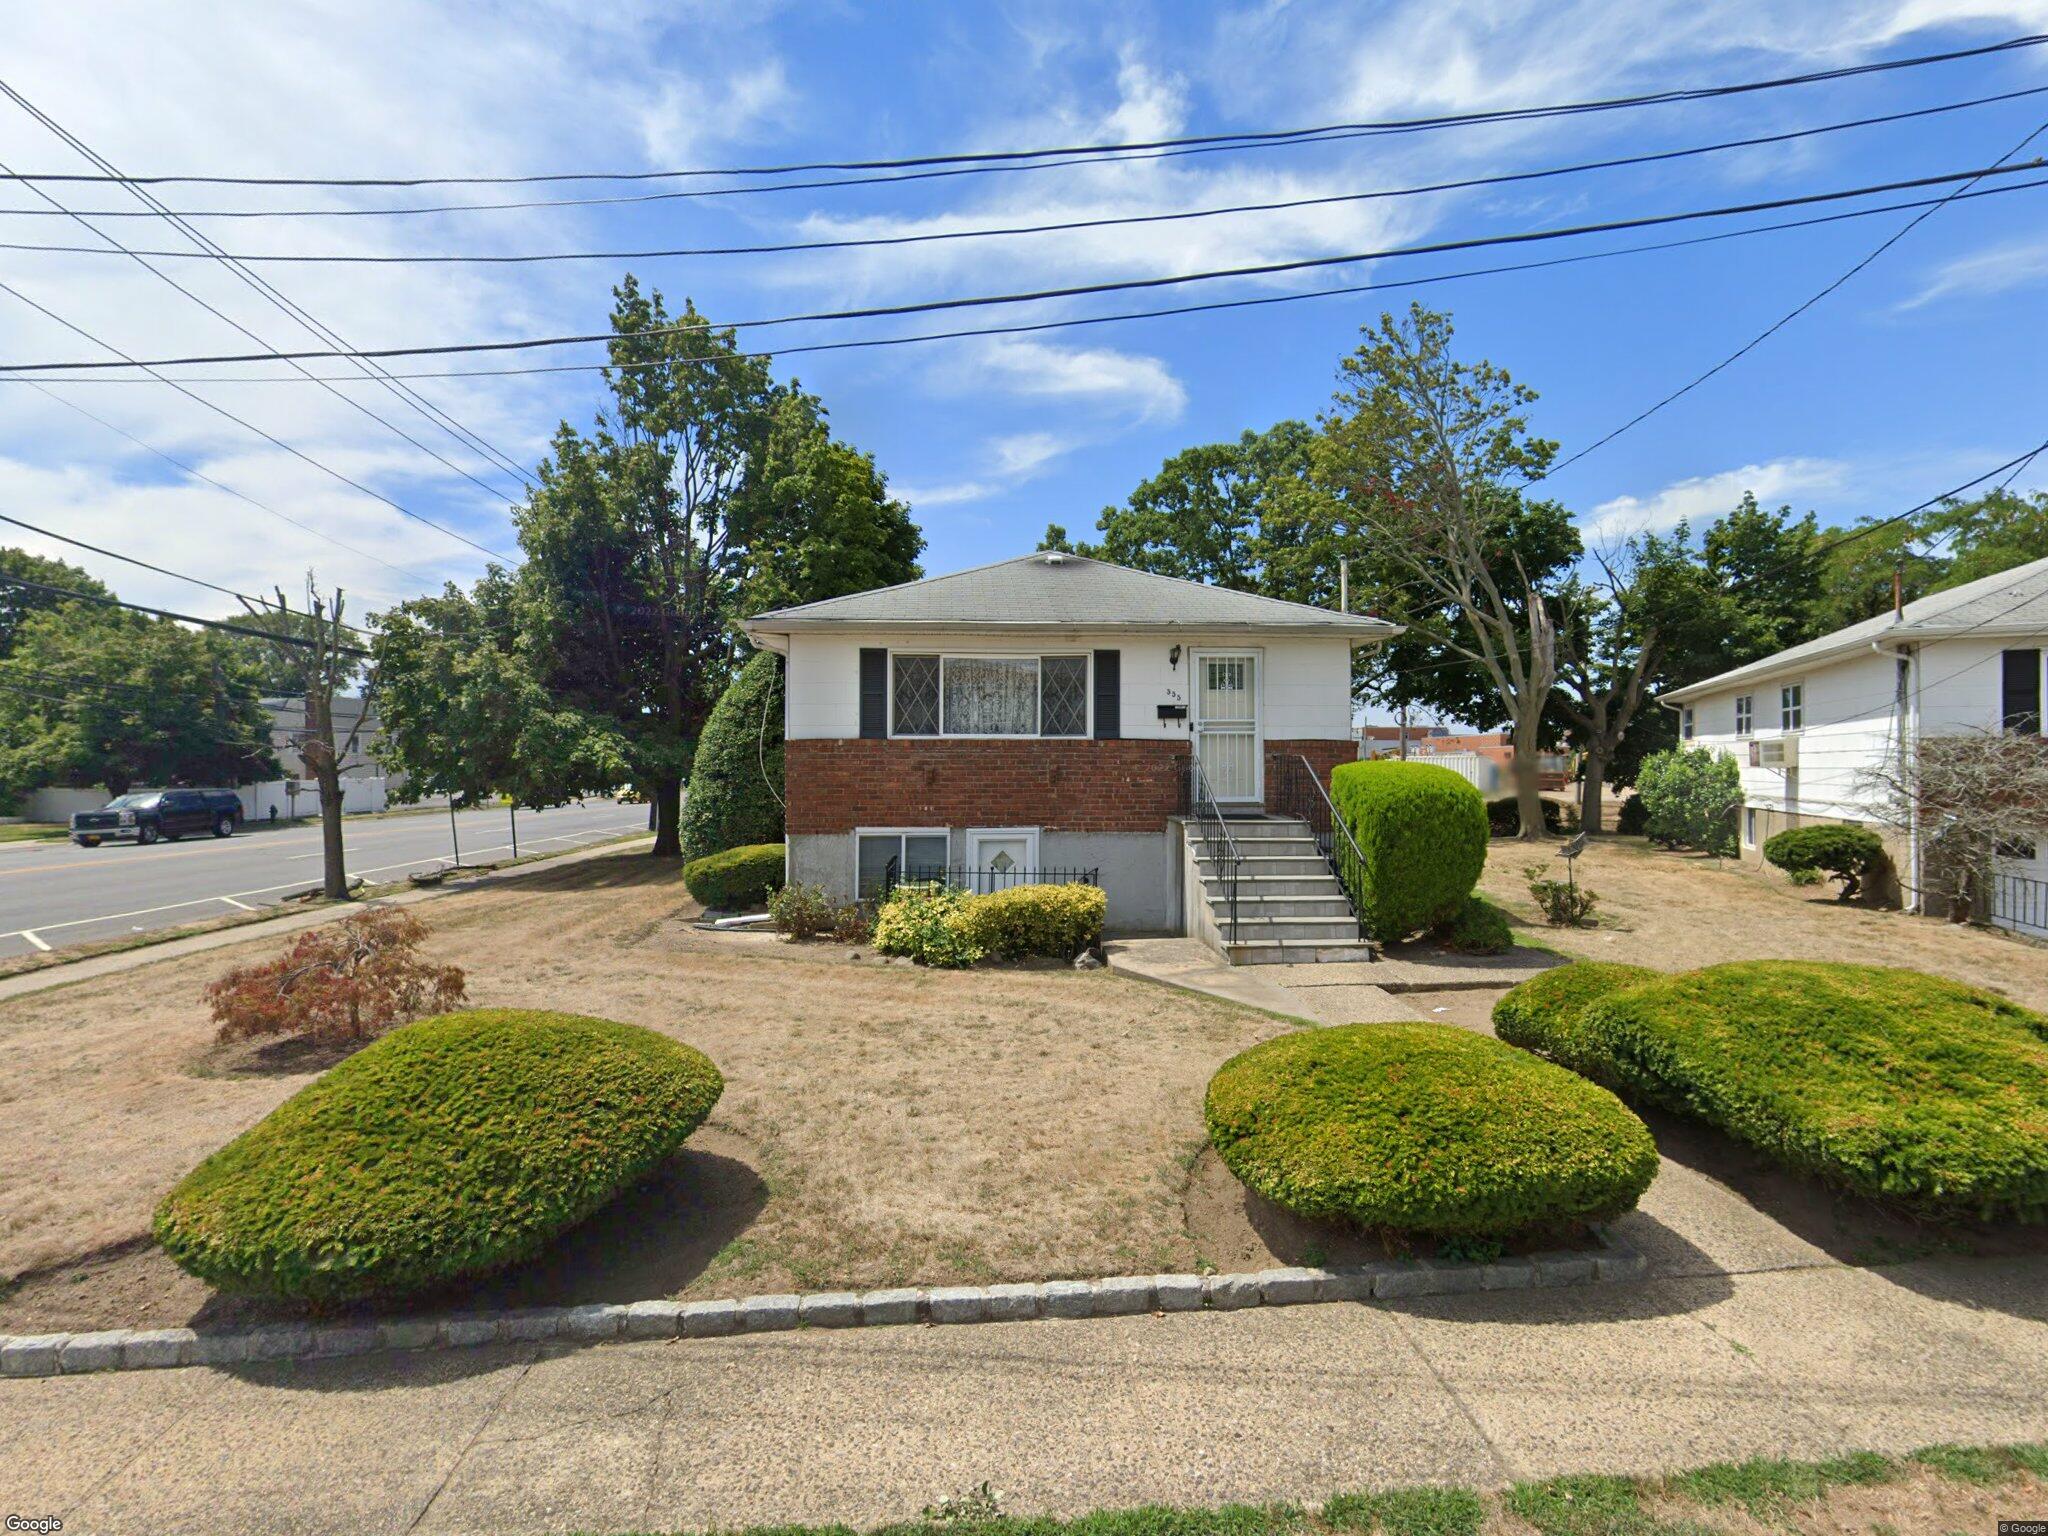 555 Bayview Ave Cedarhurst NY 11516